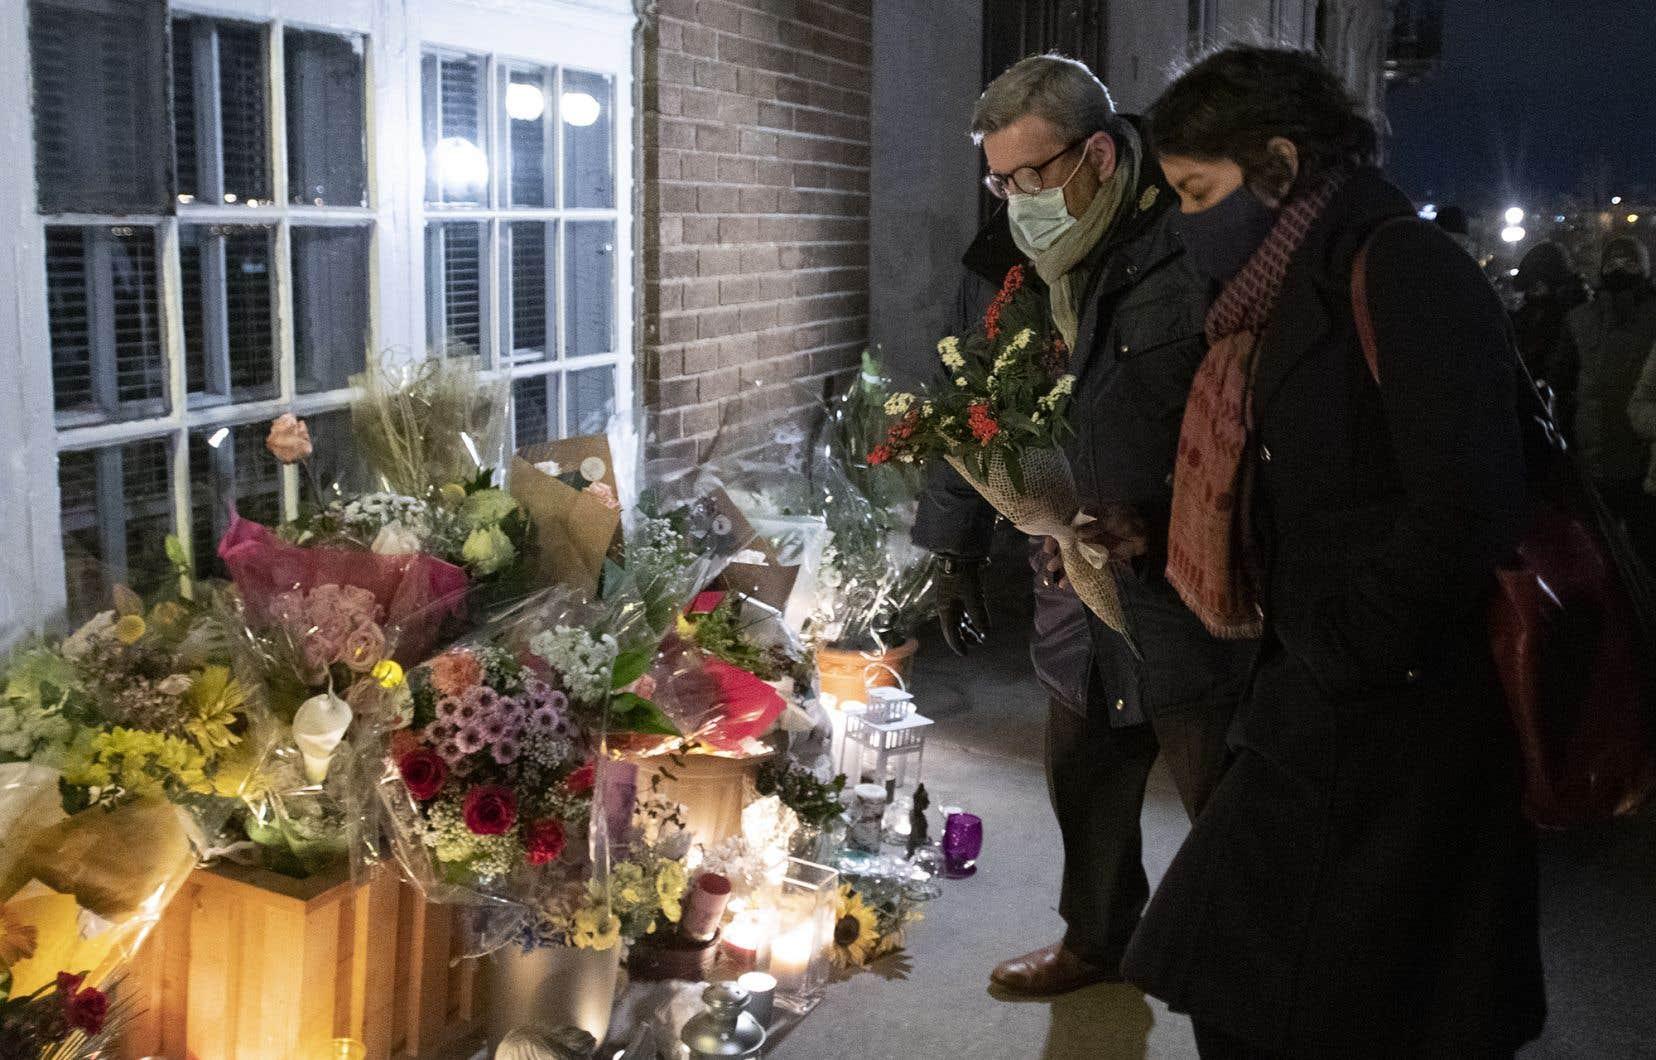 Le drame a secoué la ville et son maire, Régis Labeaume, qui a souligné que c'était la deuxième tragédie depuis celle de la Grande Mosquée de Québec en 2017 à faire les manchettes internationales.